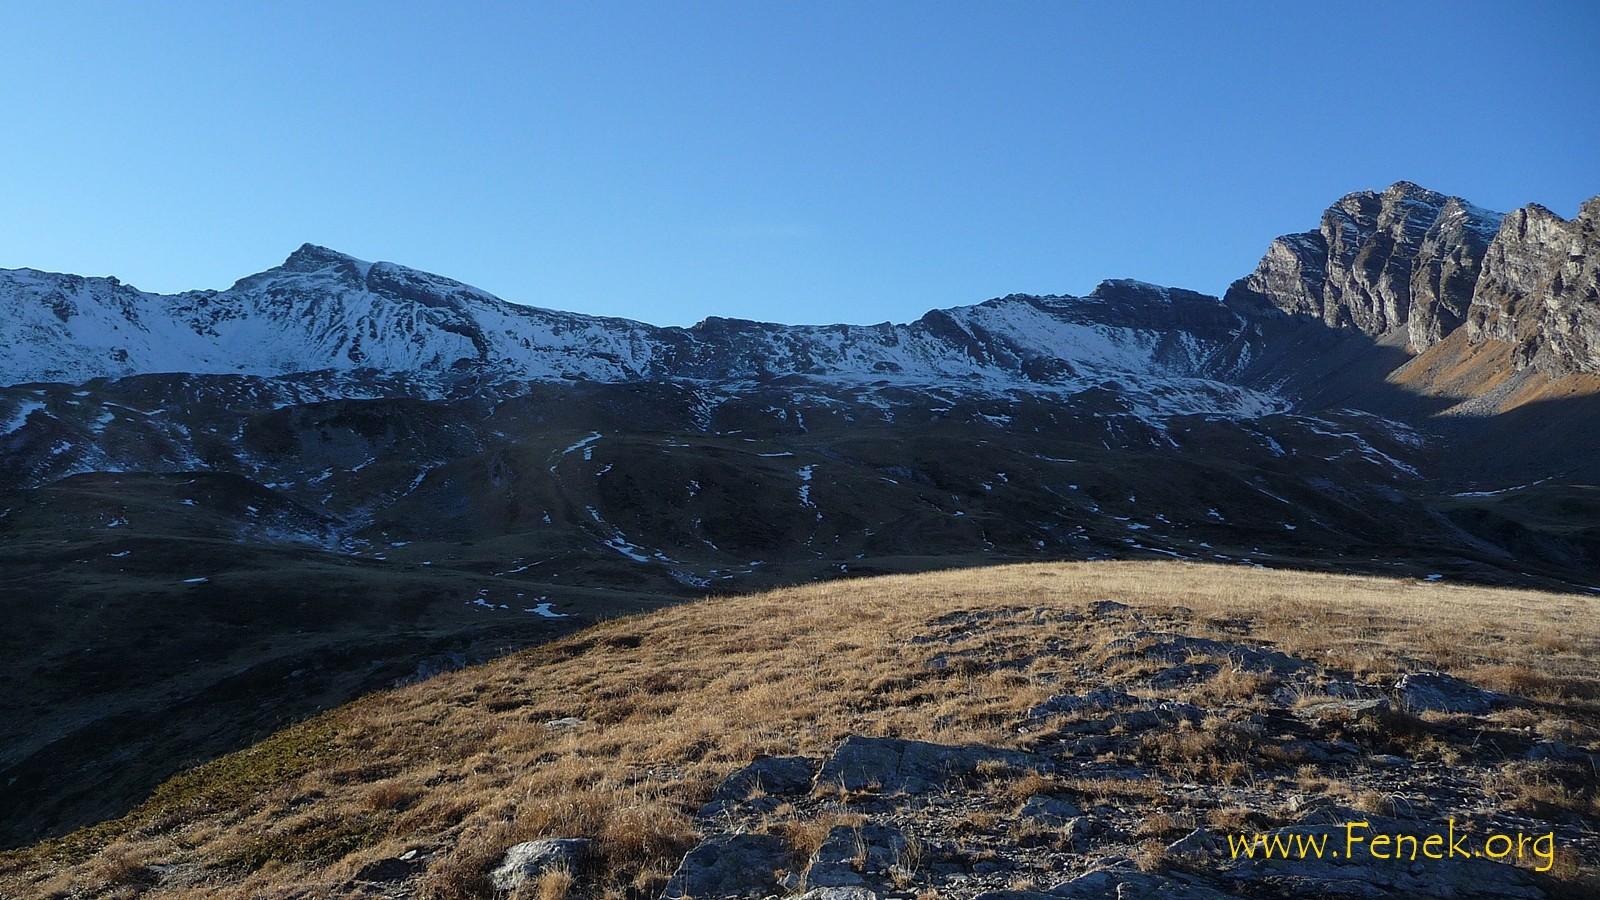 nochmal ein letzter Blick zum Gipfel des Tages mit dem langen Nordgrat